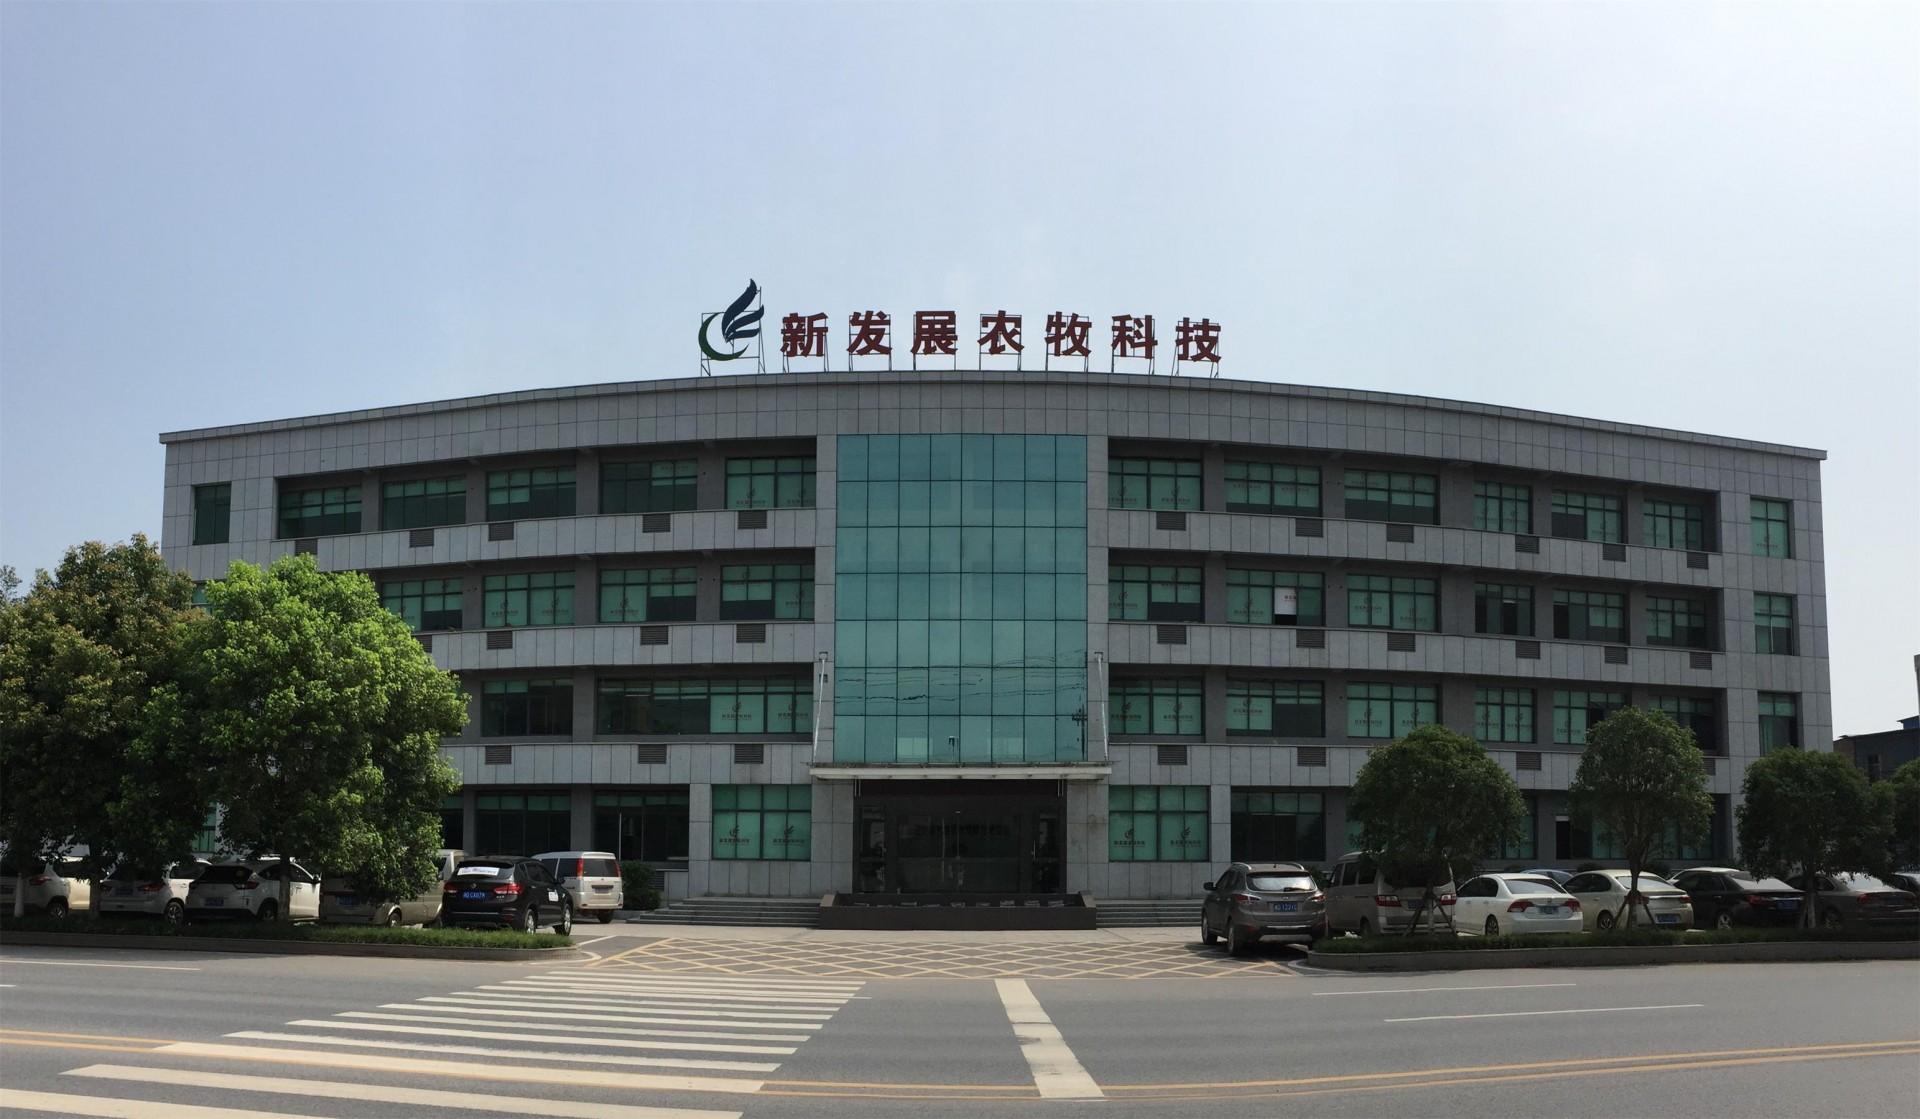 公司低像素办公大楼.jpg